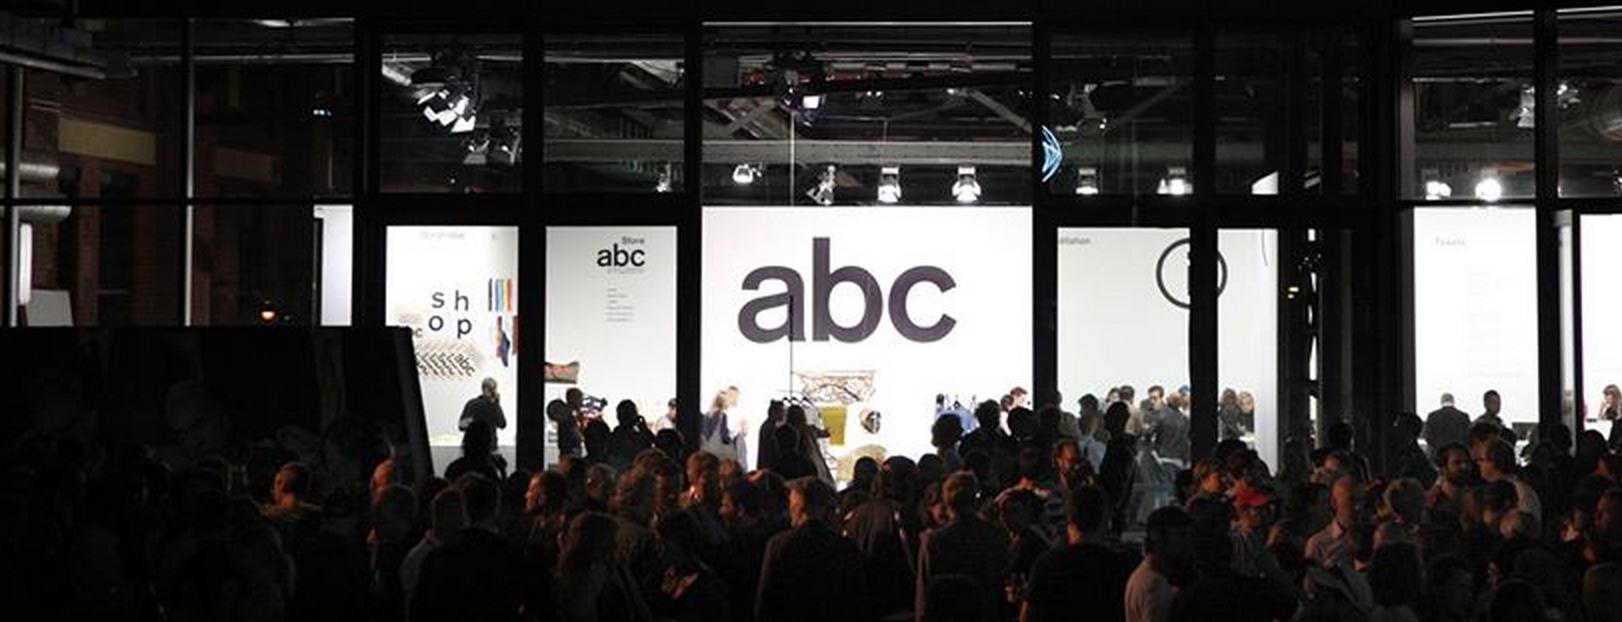 Abc berlin